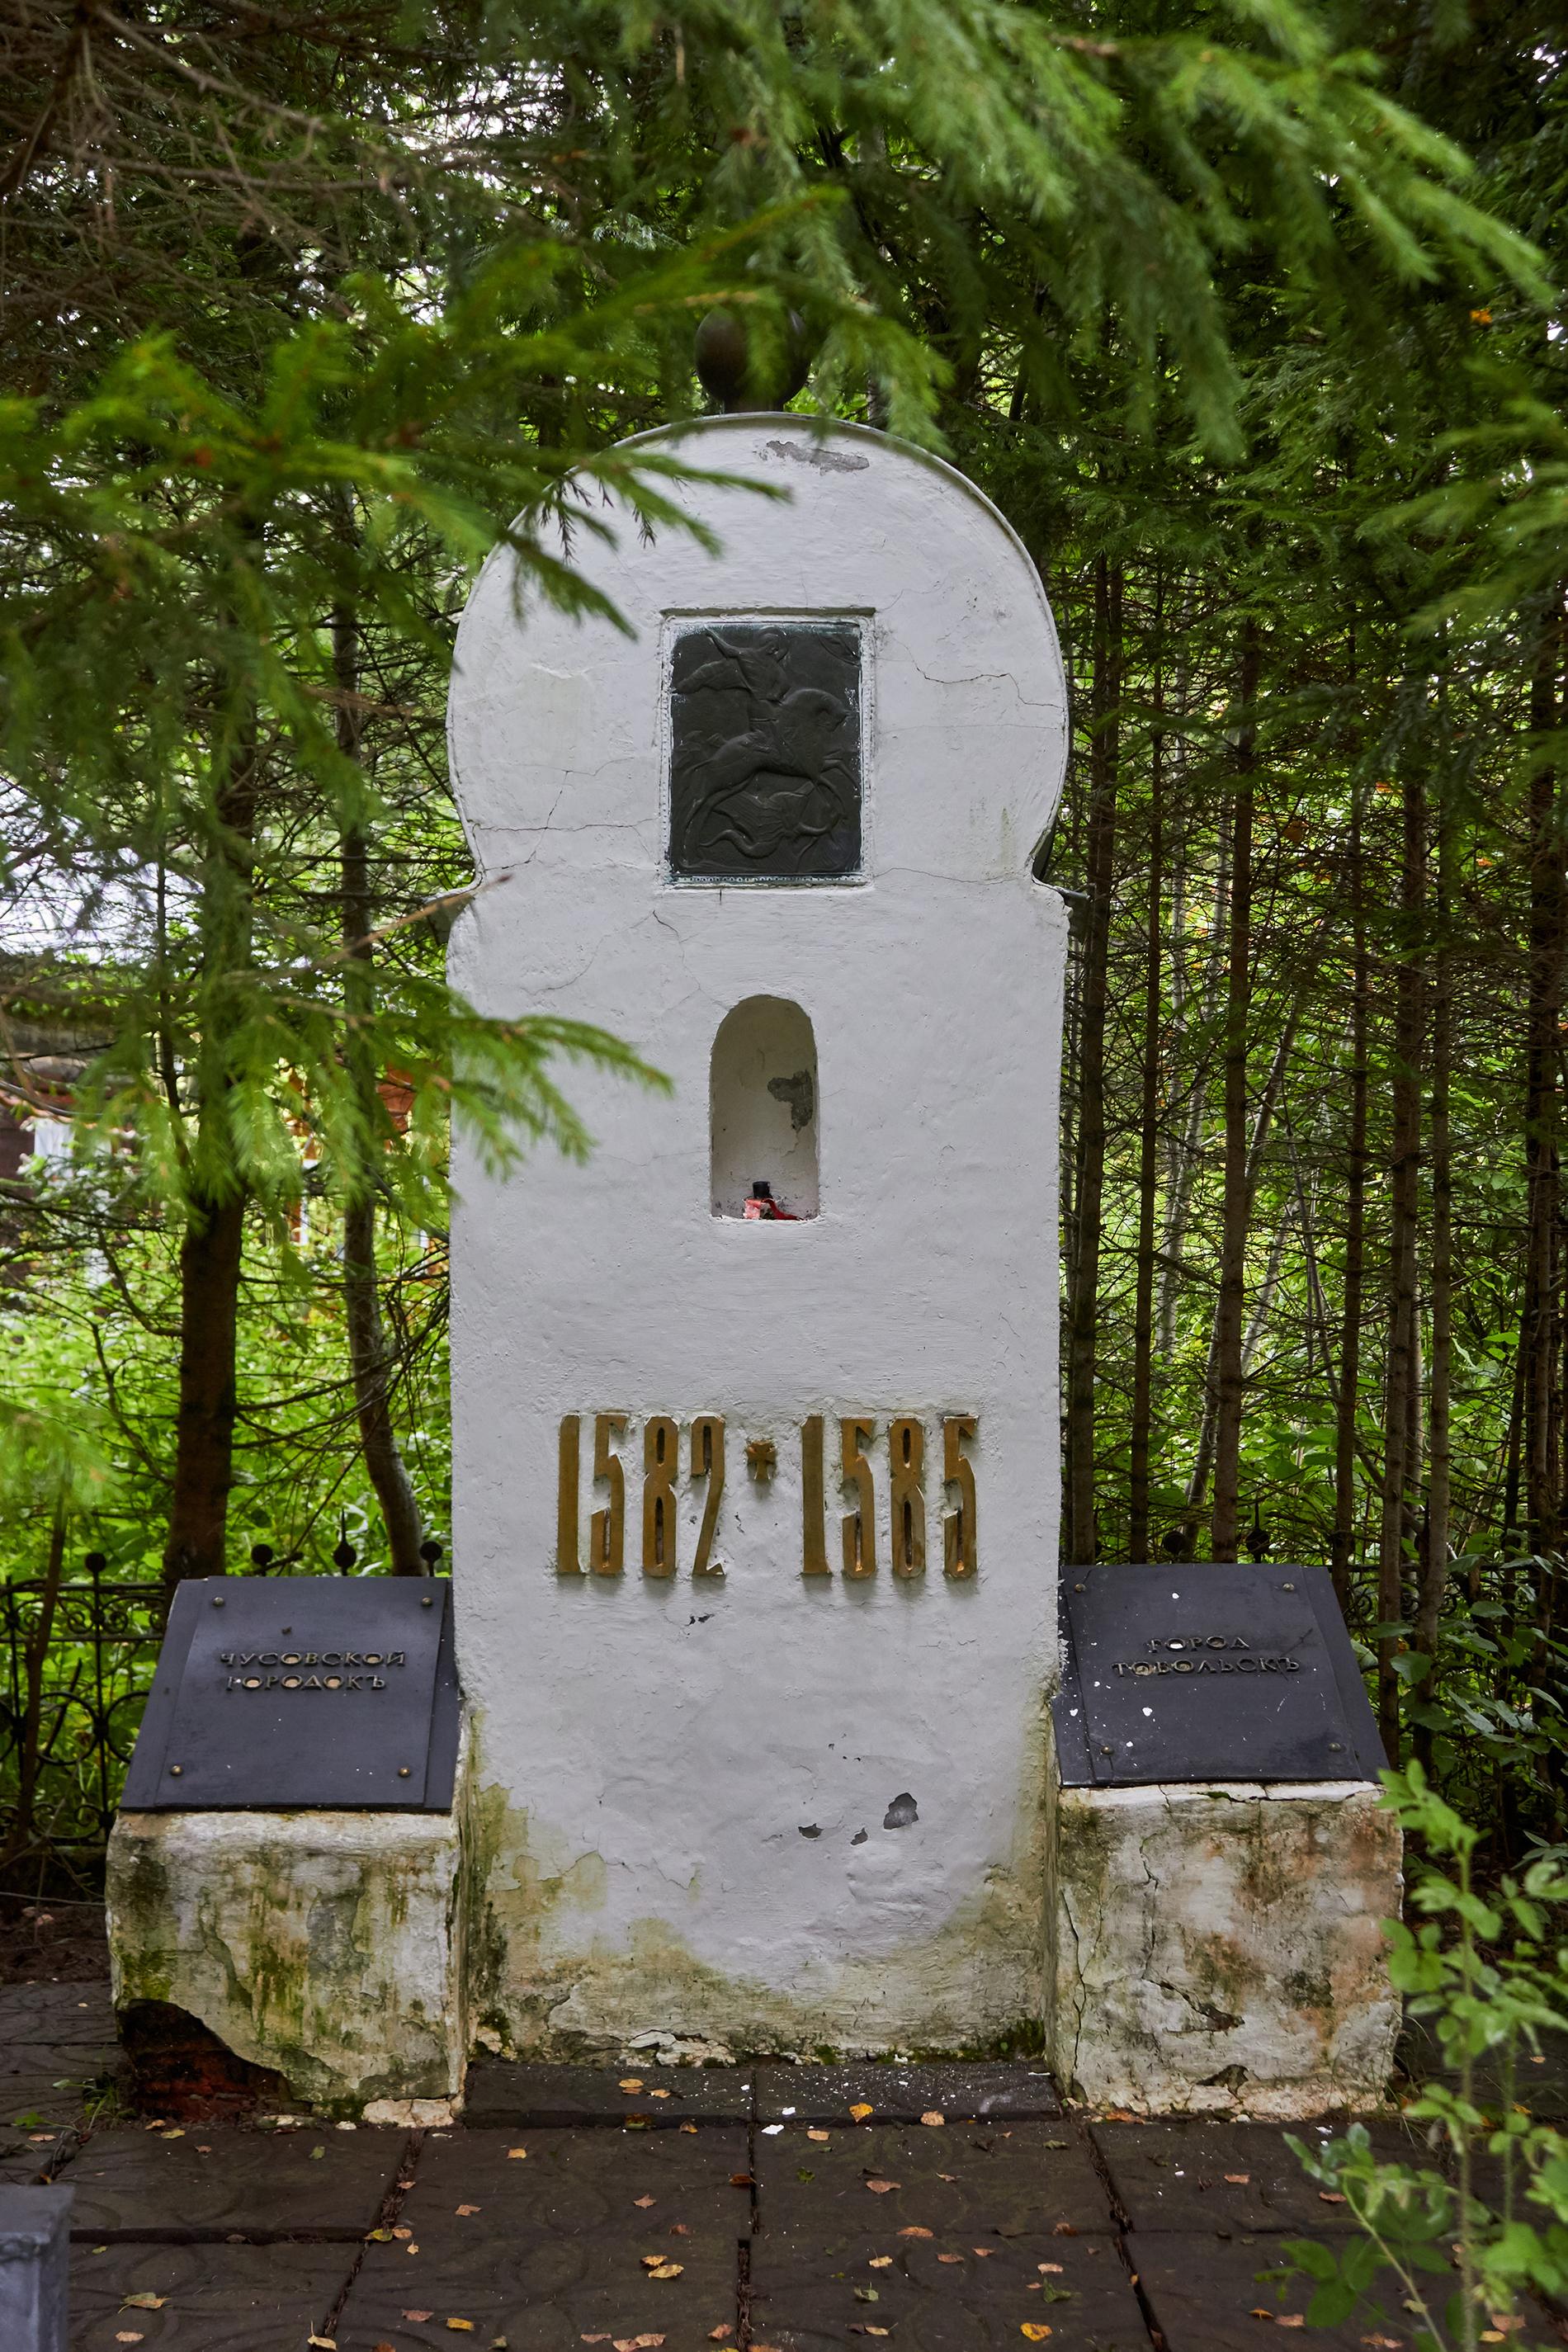 Памятник о походе Ермака в Сибирь от Чусового до Тобольска (1582 - 1585 г.г.)